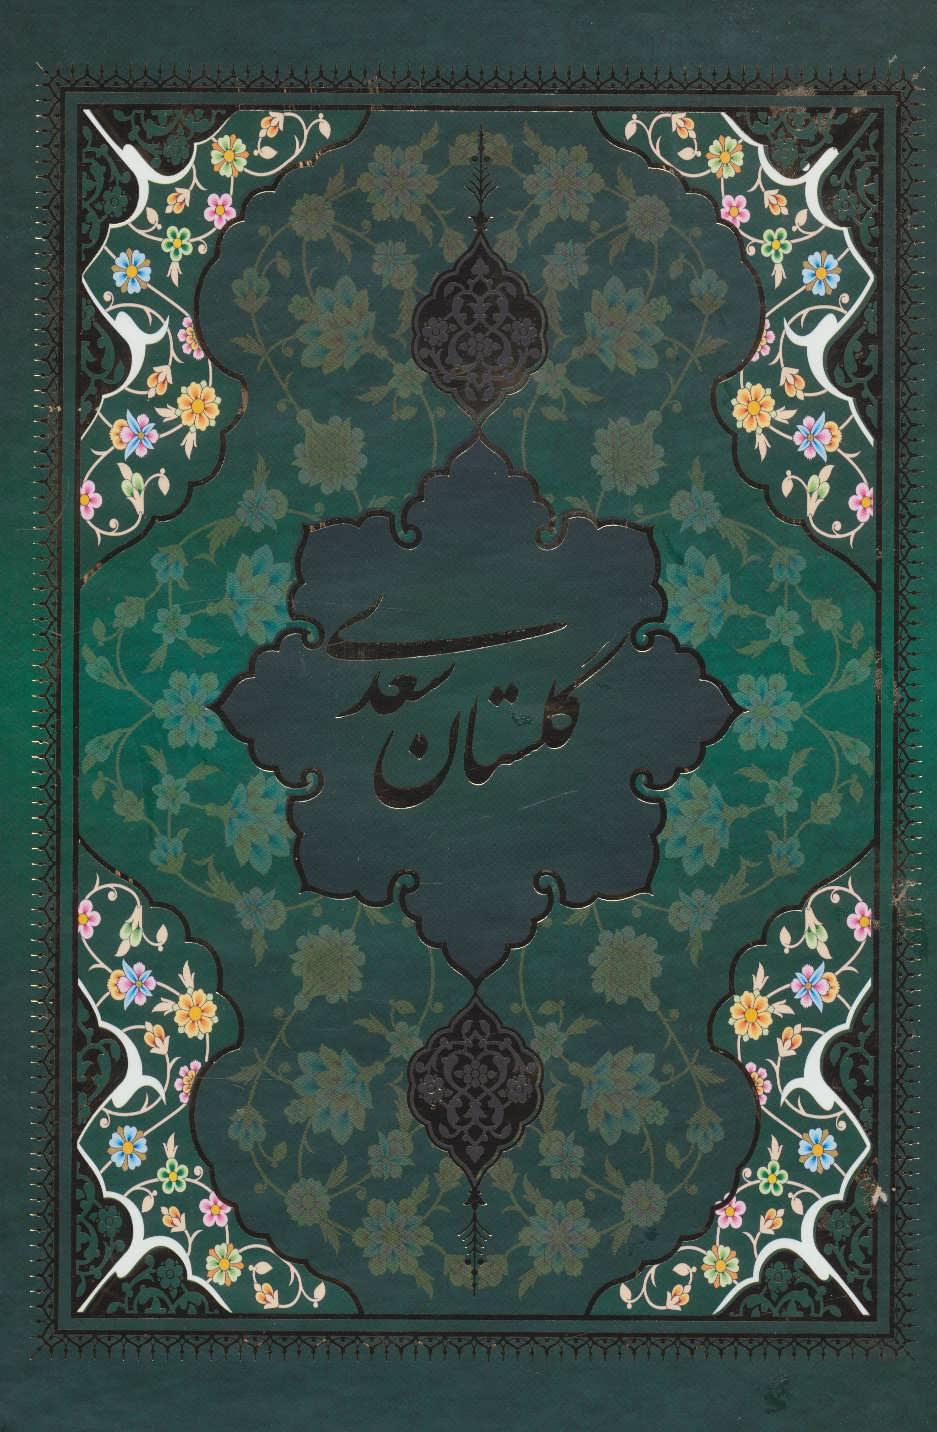 کتاب گلستان سعدی با مینیاتور